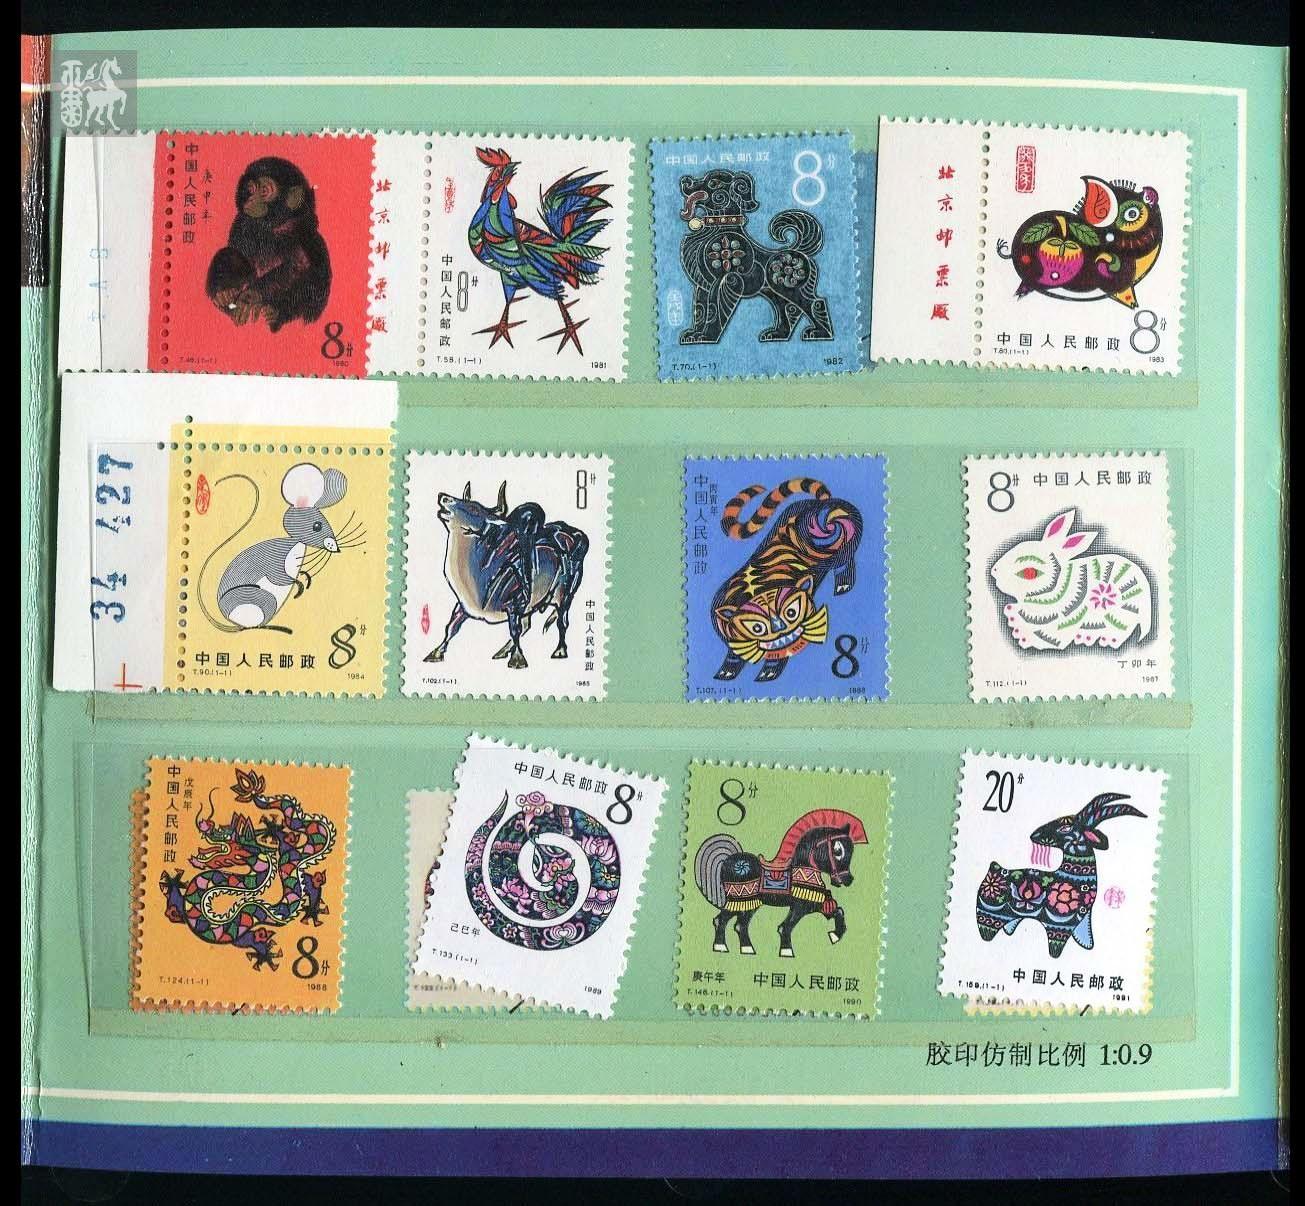 生肖邮票收藏如何保养